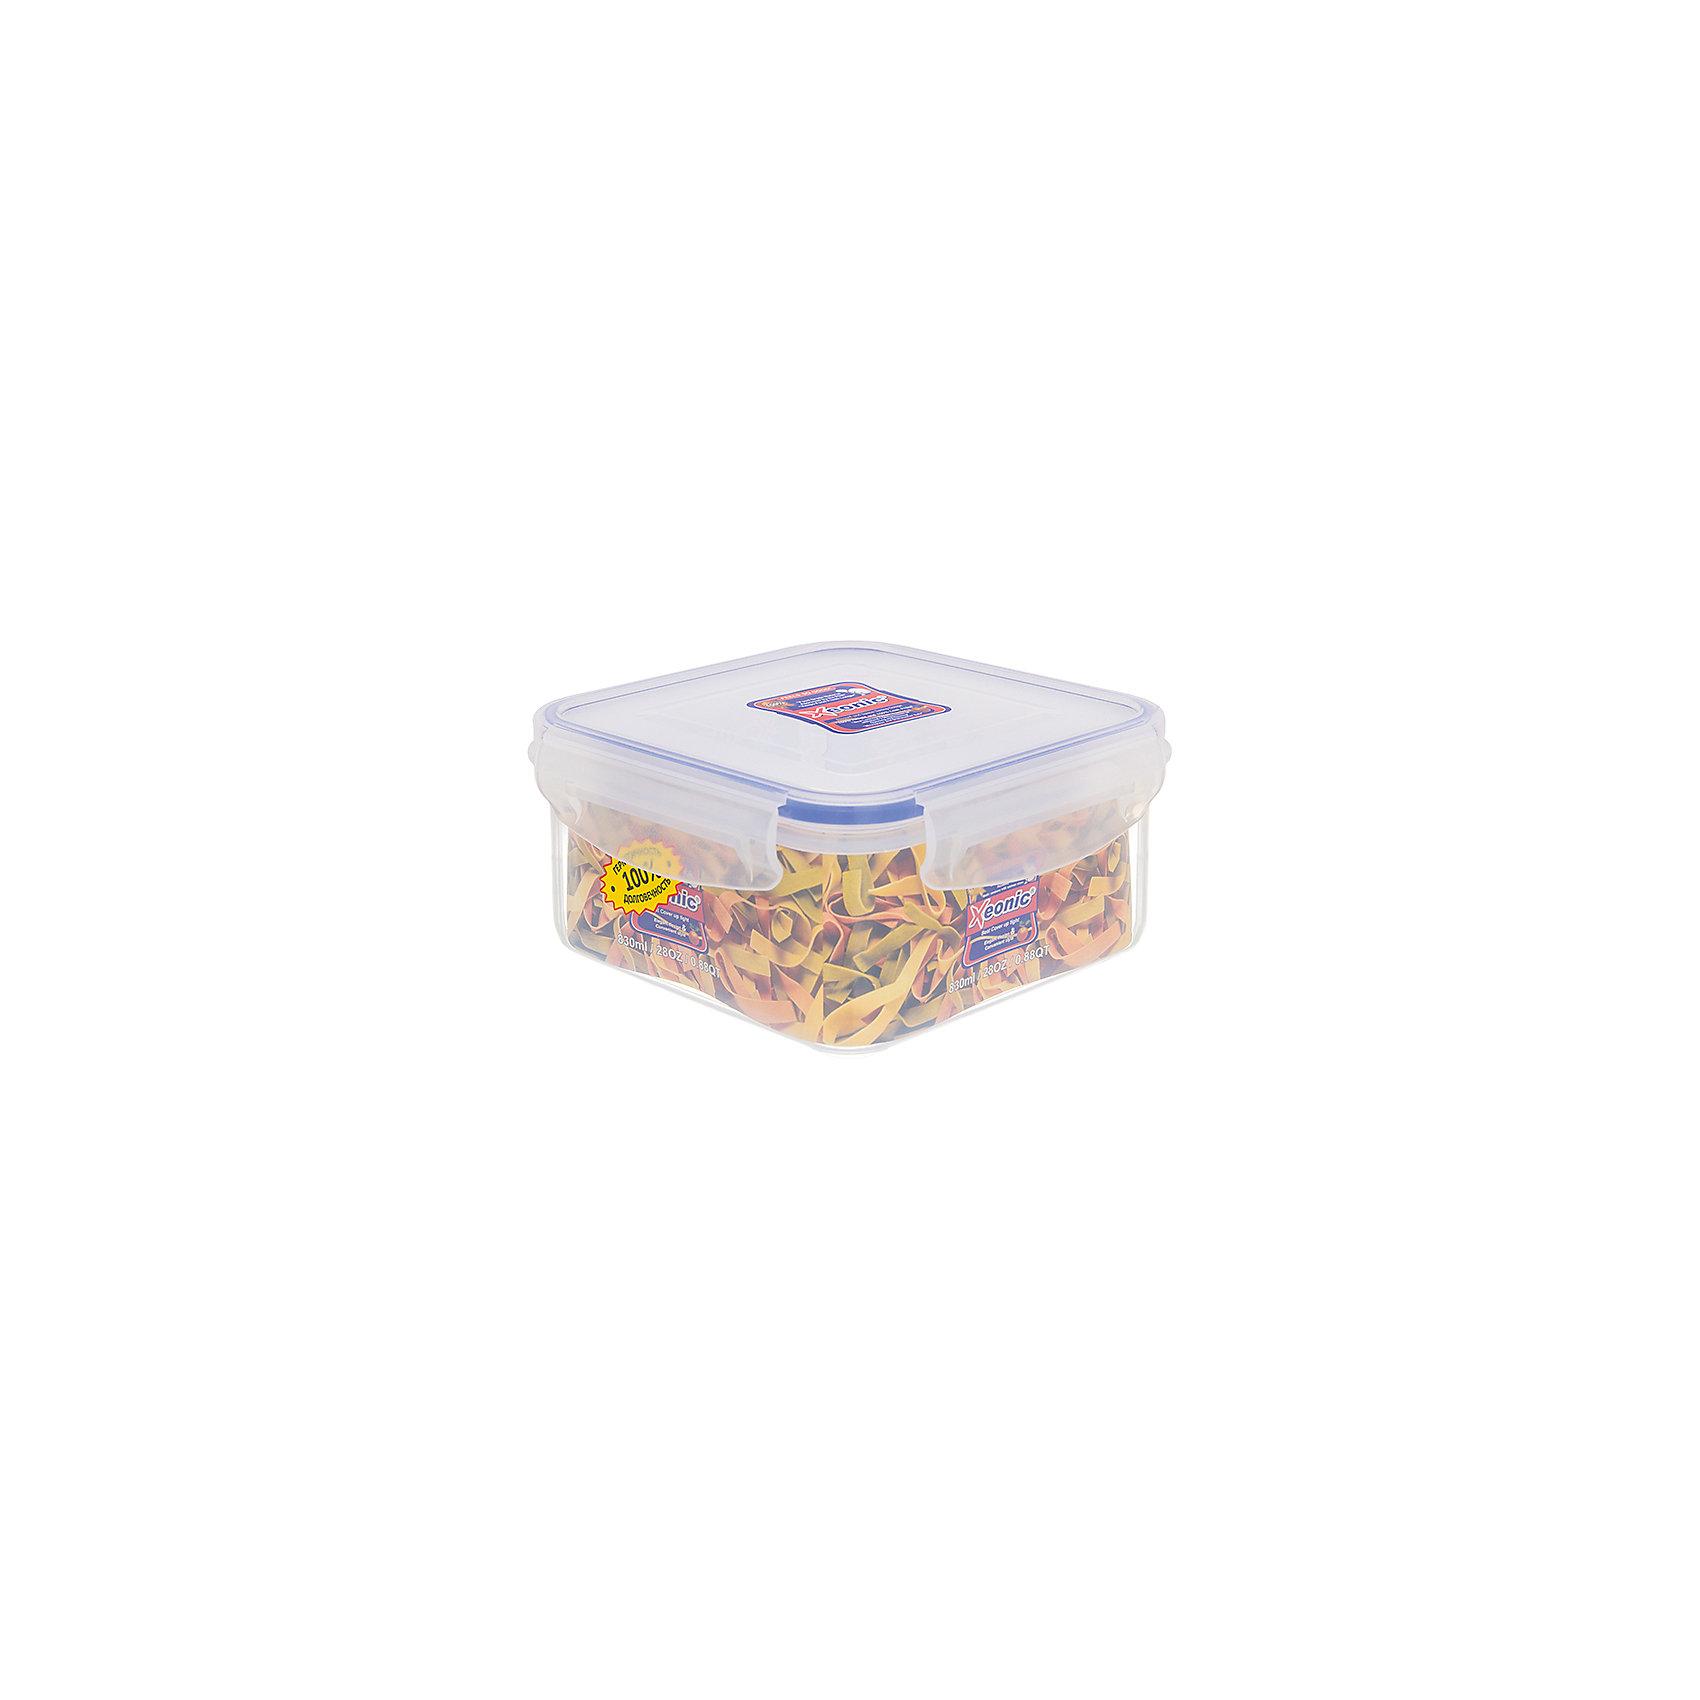 Контейнер квадратный 830 мл ХЕ222, Xeonic, синийПосуда<br>Контейнер квадратный 830 мл, высота - 7 см. ХЕ222 (синий), Xeonic Пластиковые герметичные контейнеры для хранения продуктов Xeonic произведены из высококачественных материалов, имеют 100% герметичность, термоустойчивы, могут быть использованы в микроволновой печи и в морозильной камере, устойчивы к воздействию масел и жиров, не впитывают запах. Не содержат Бисфенол А. Удобны в использовании, долговечны, легко открываются и закрываются, не занимают много места, можно мыть в посудомоечной машине.<br><br>Ширина мм: 143<br>Глубина мм: 143<br>Высота мм: 70<br>Вес г: 154<br>Возраст от месяцев: 0<br>Возраст до месяцев: 1188<br>Пол: Унисекс<br>Возраст: Детский<br>SKU: 6668820